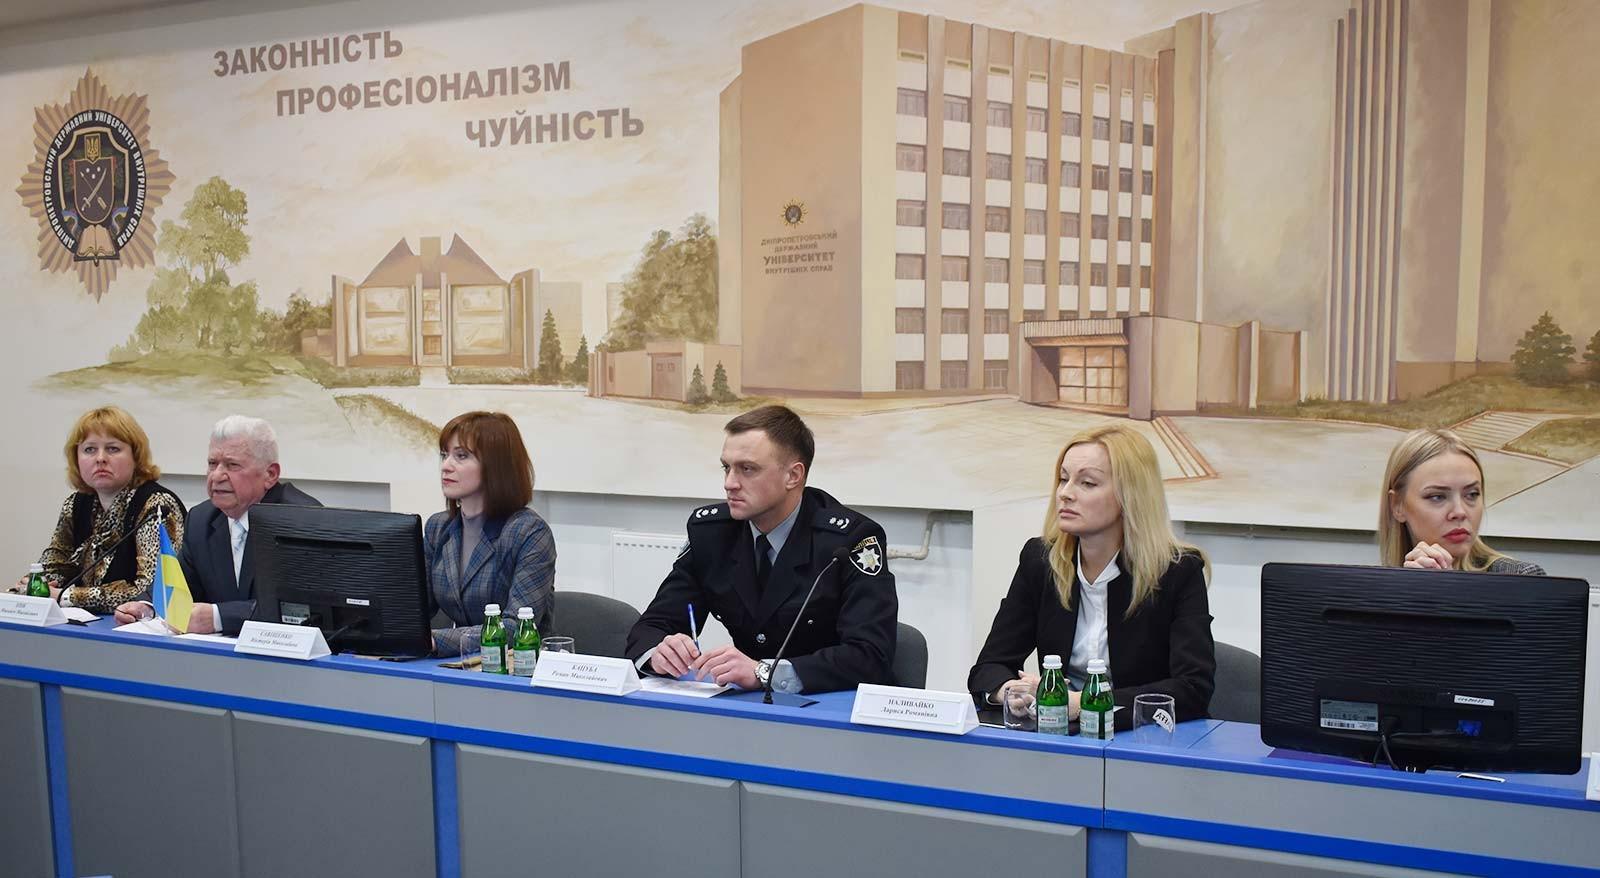 Відкрили семінар та привітали учасників Роман Кацуба, Вікторія Савіщенко, Михайло Епік